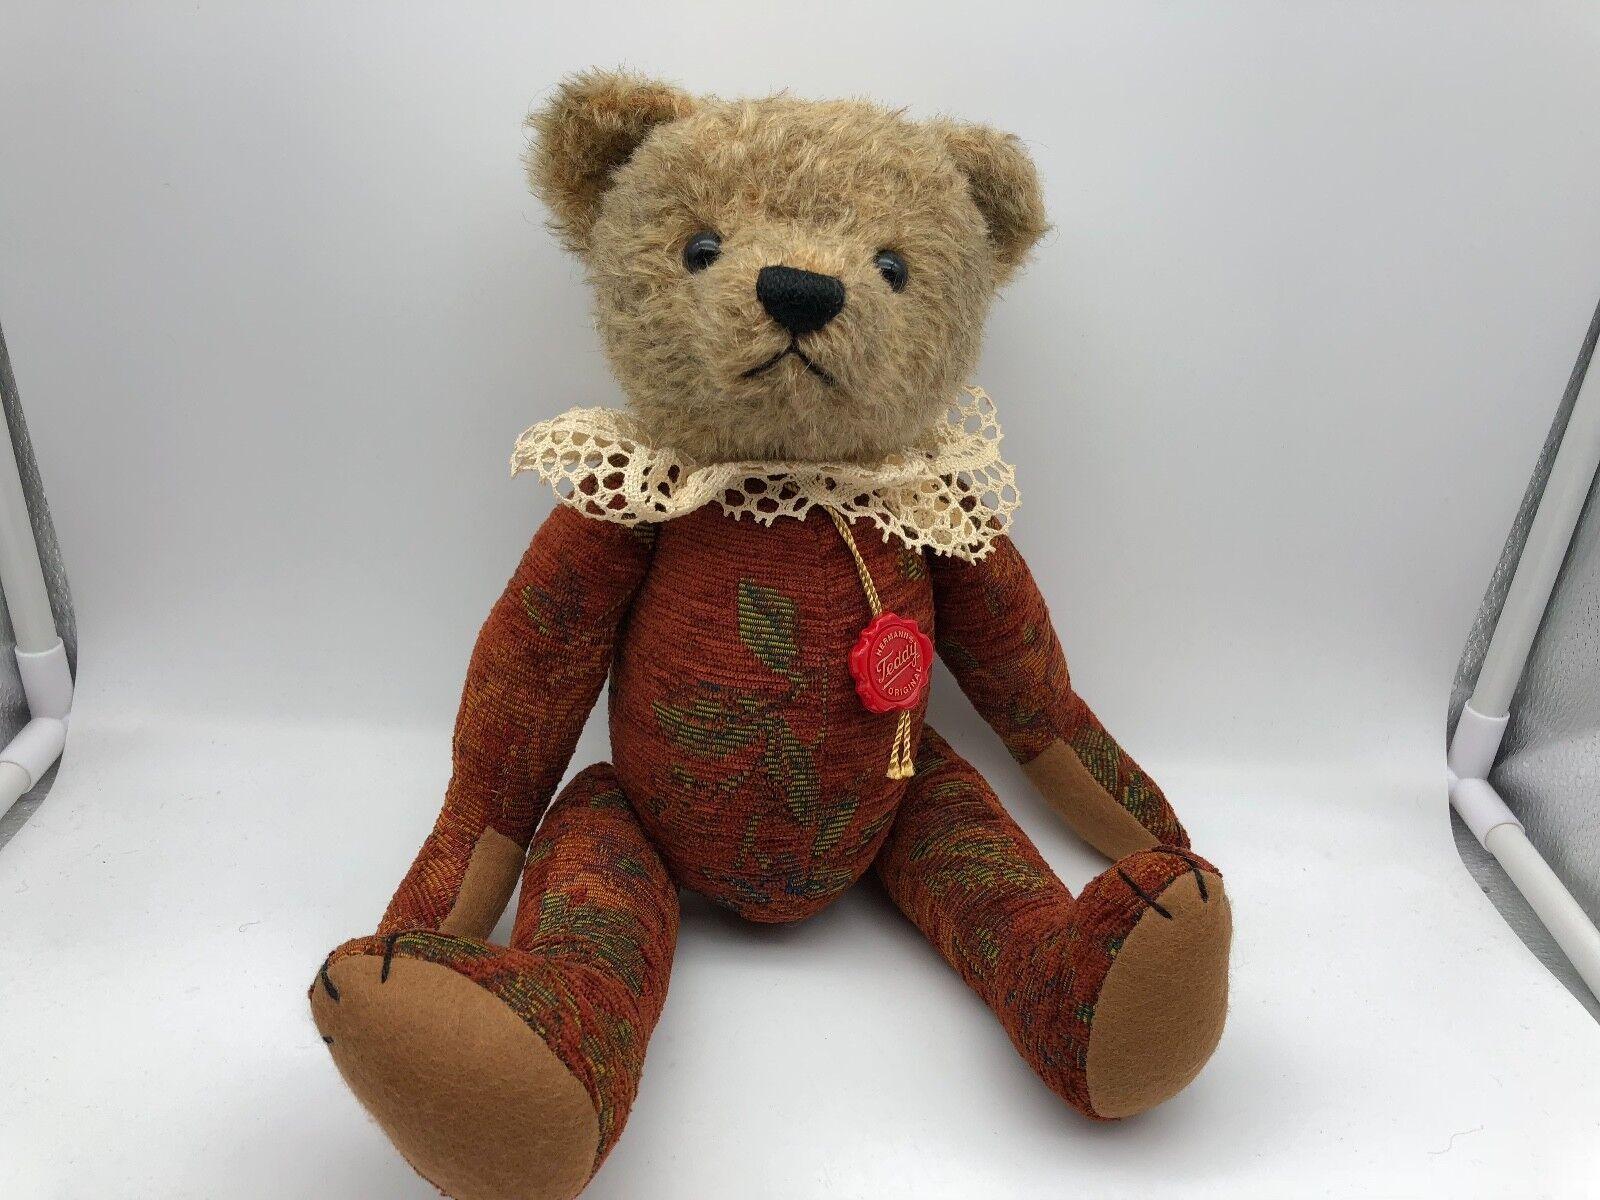 Hermann Teddy Bär 37 cm. Limitierte Auflage. Top Zustand.